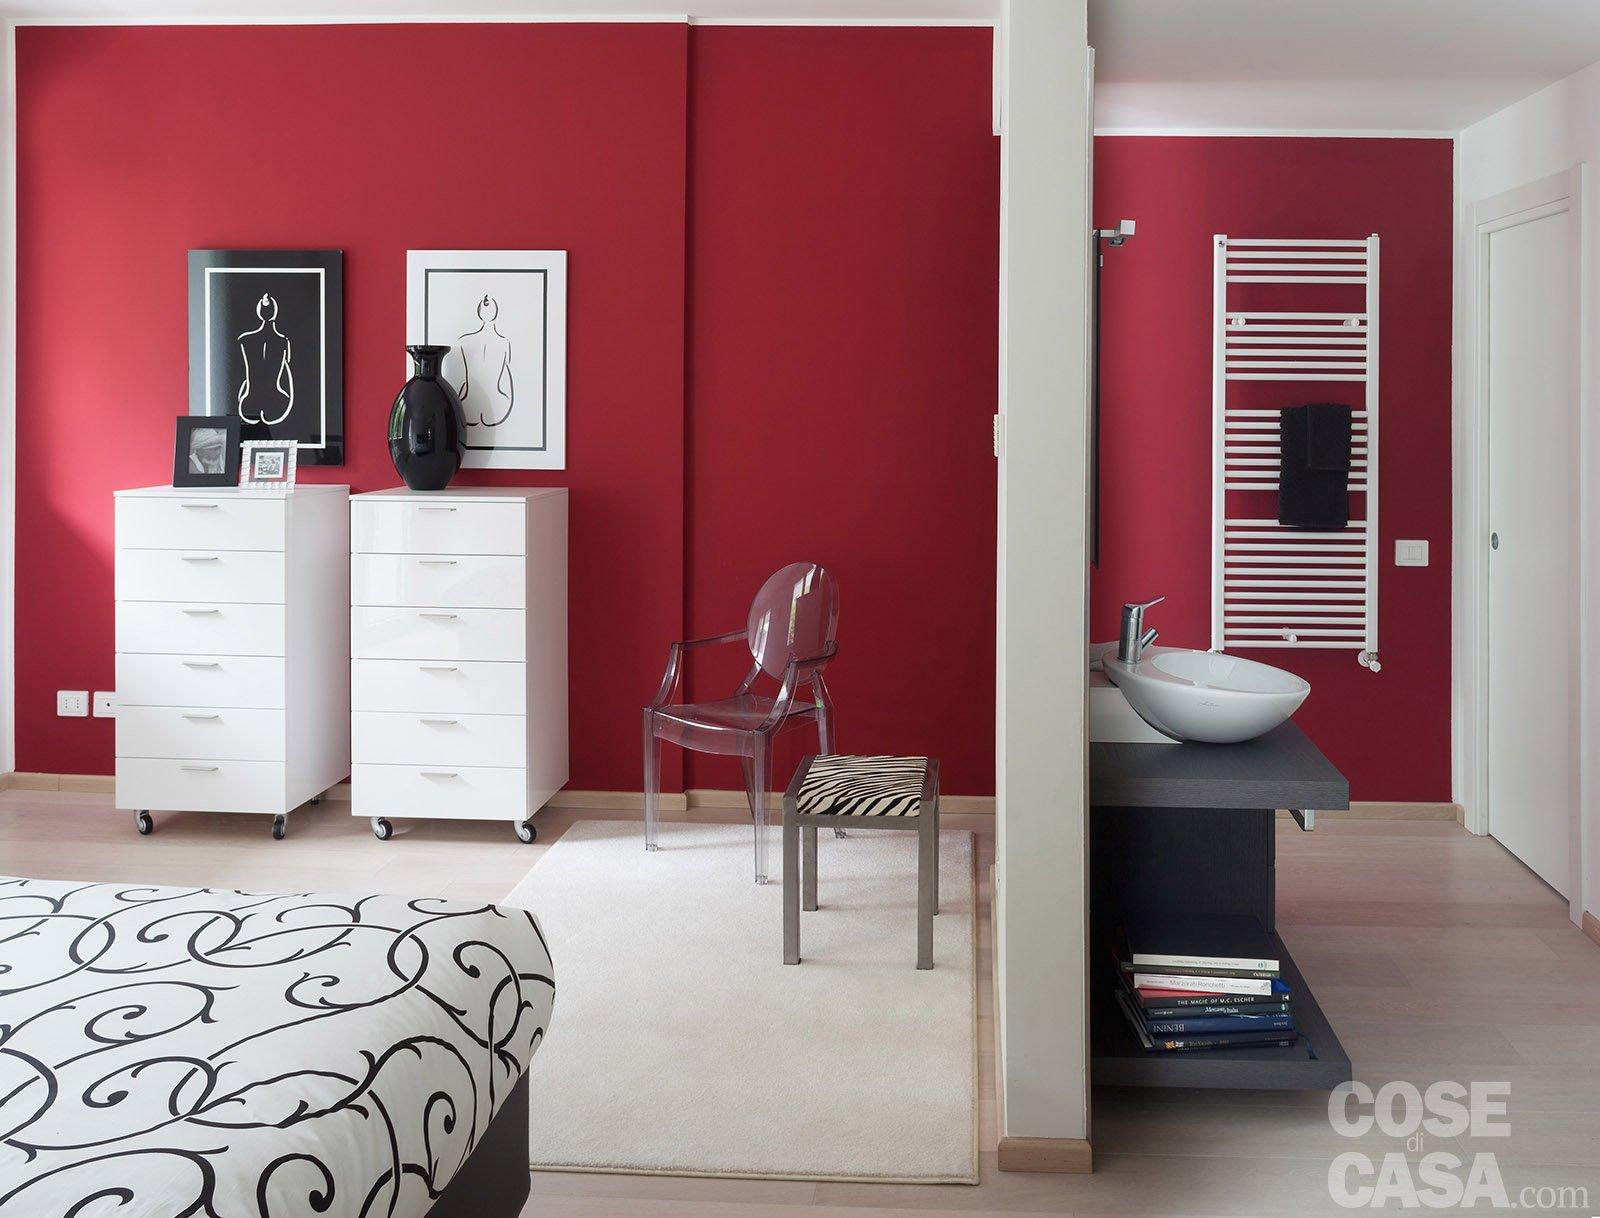 Colori interni casa interesting rosa quarzo colore del for Casa moderna jesolo